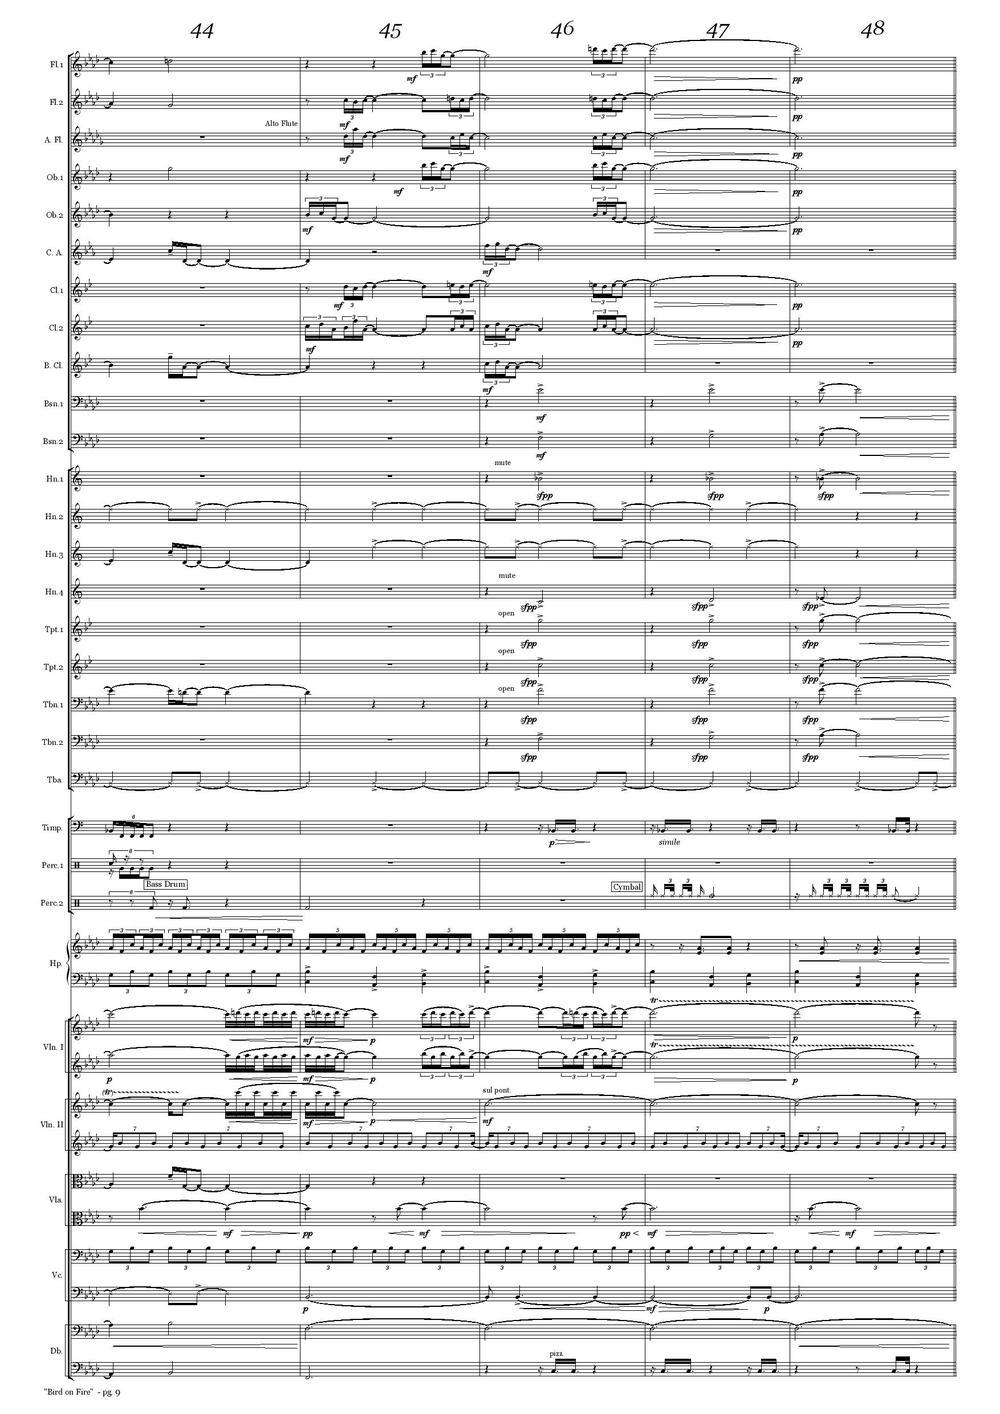 Bird on Fire - score-page-012.jpg